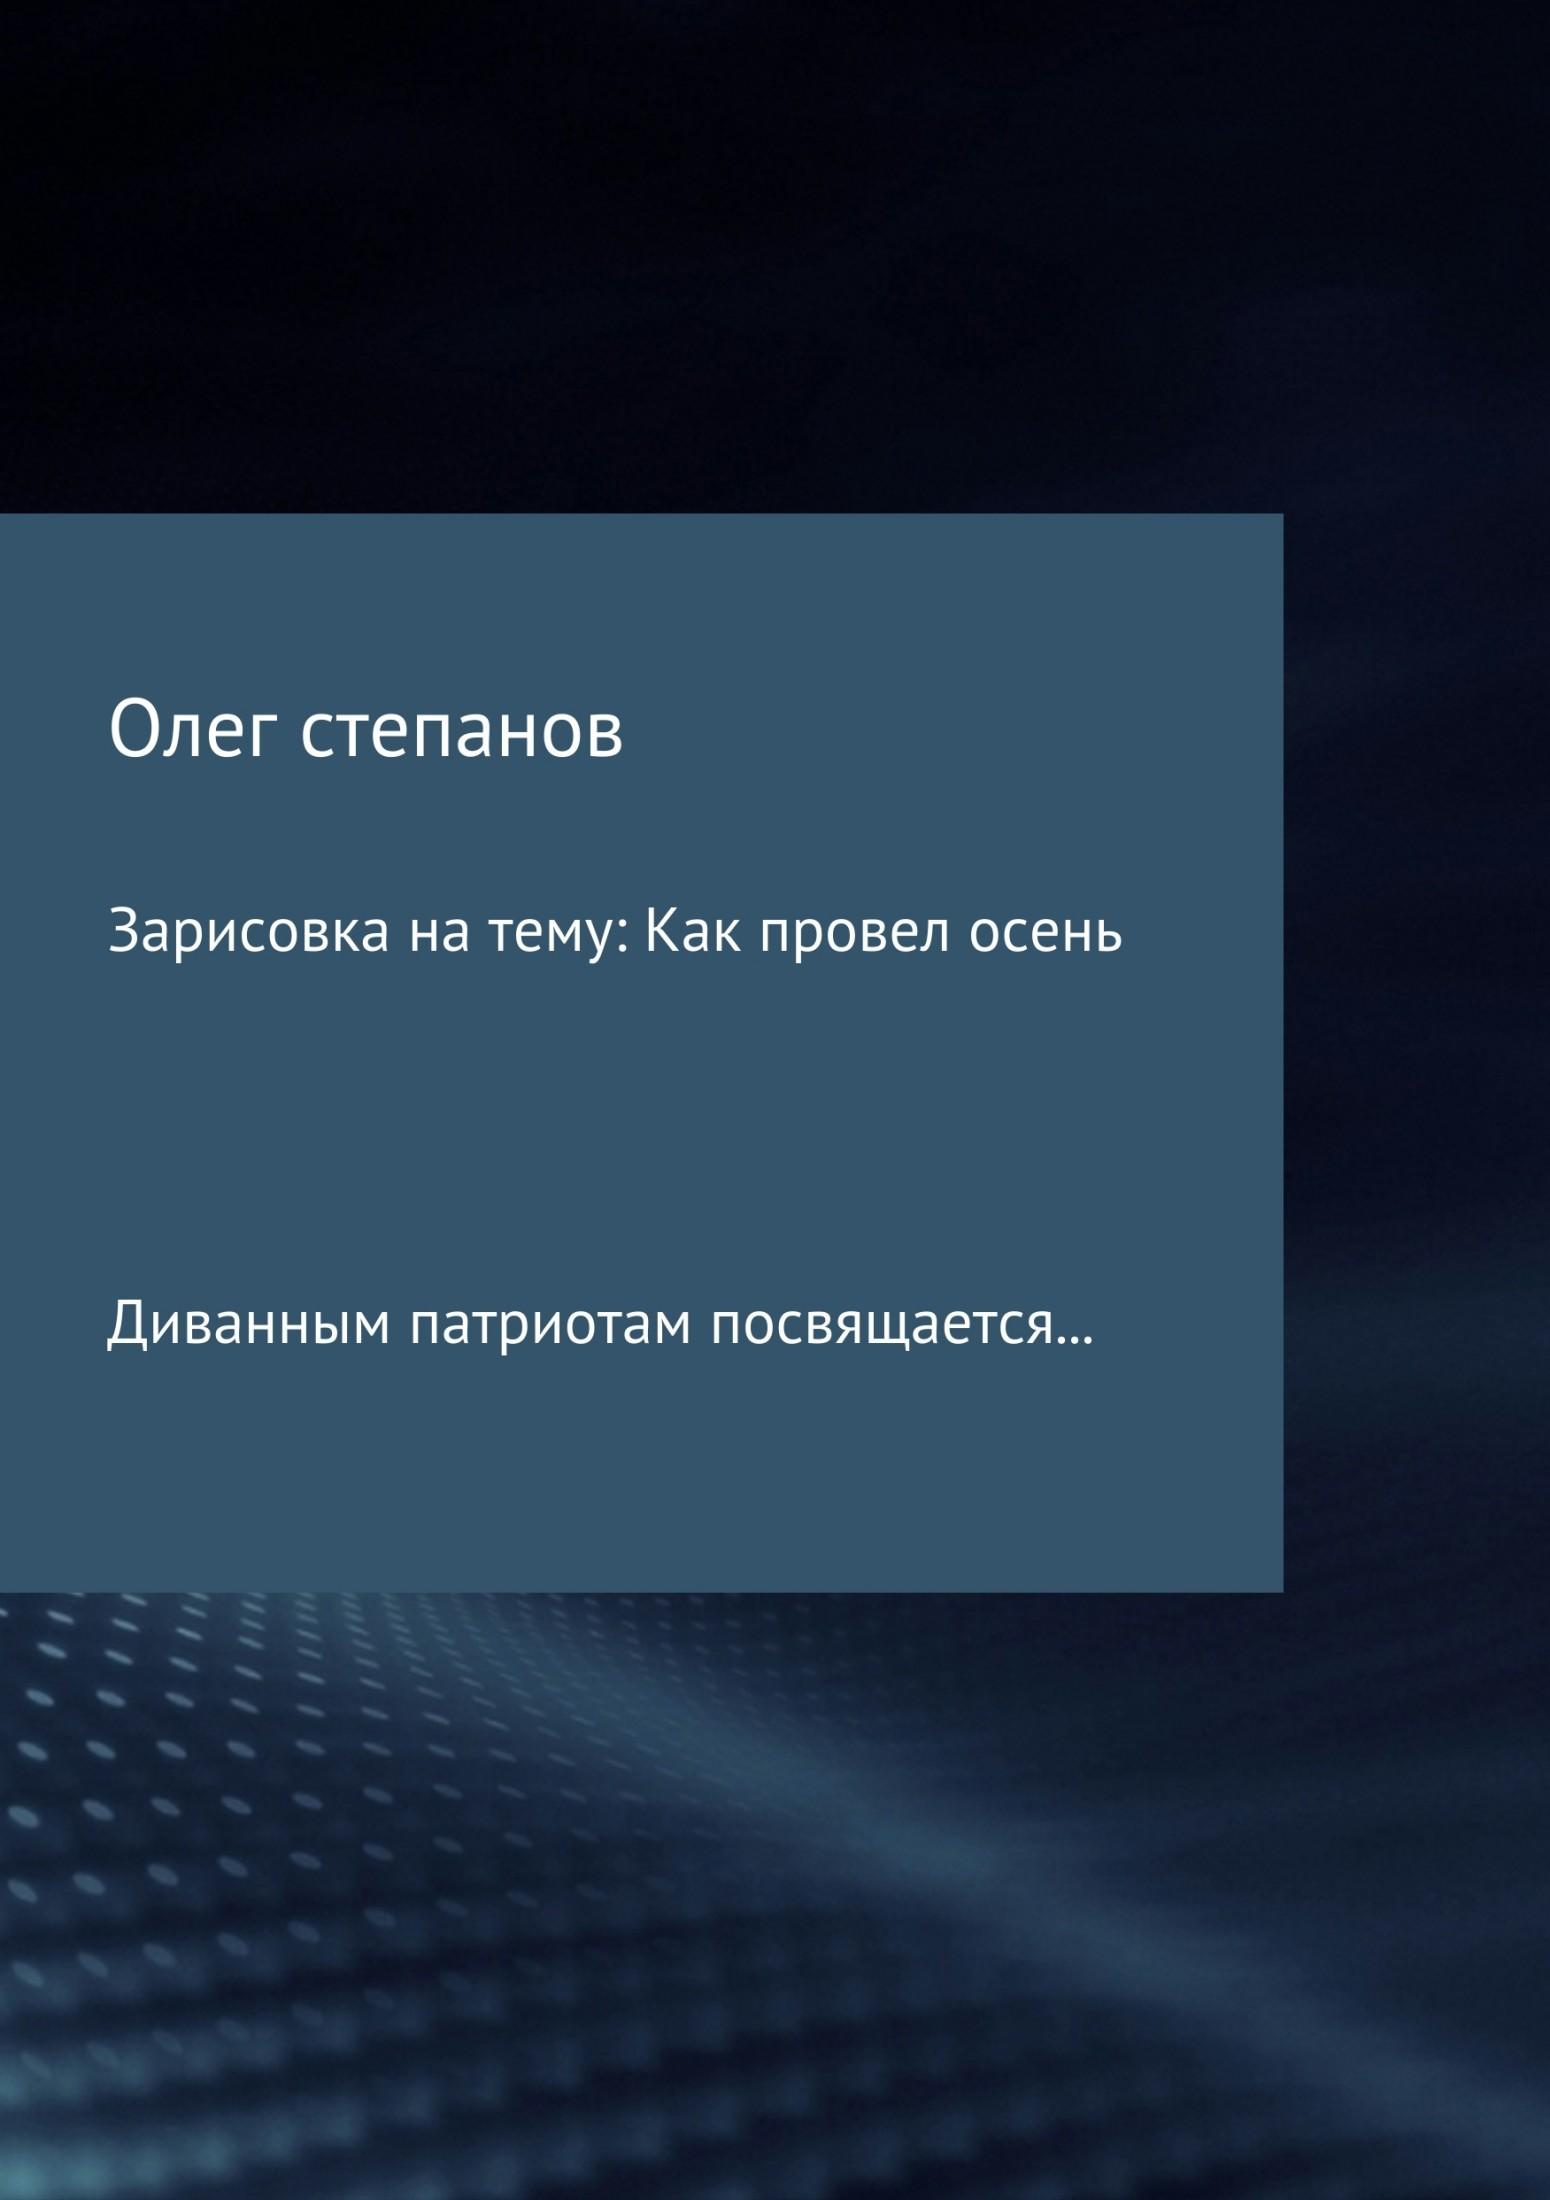 Олег Владимирович Степанов. Зарисовка на тему: Как провел осень